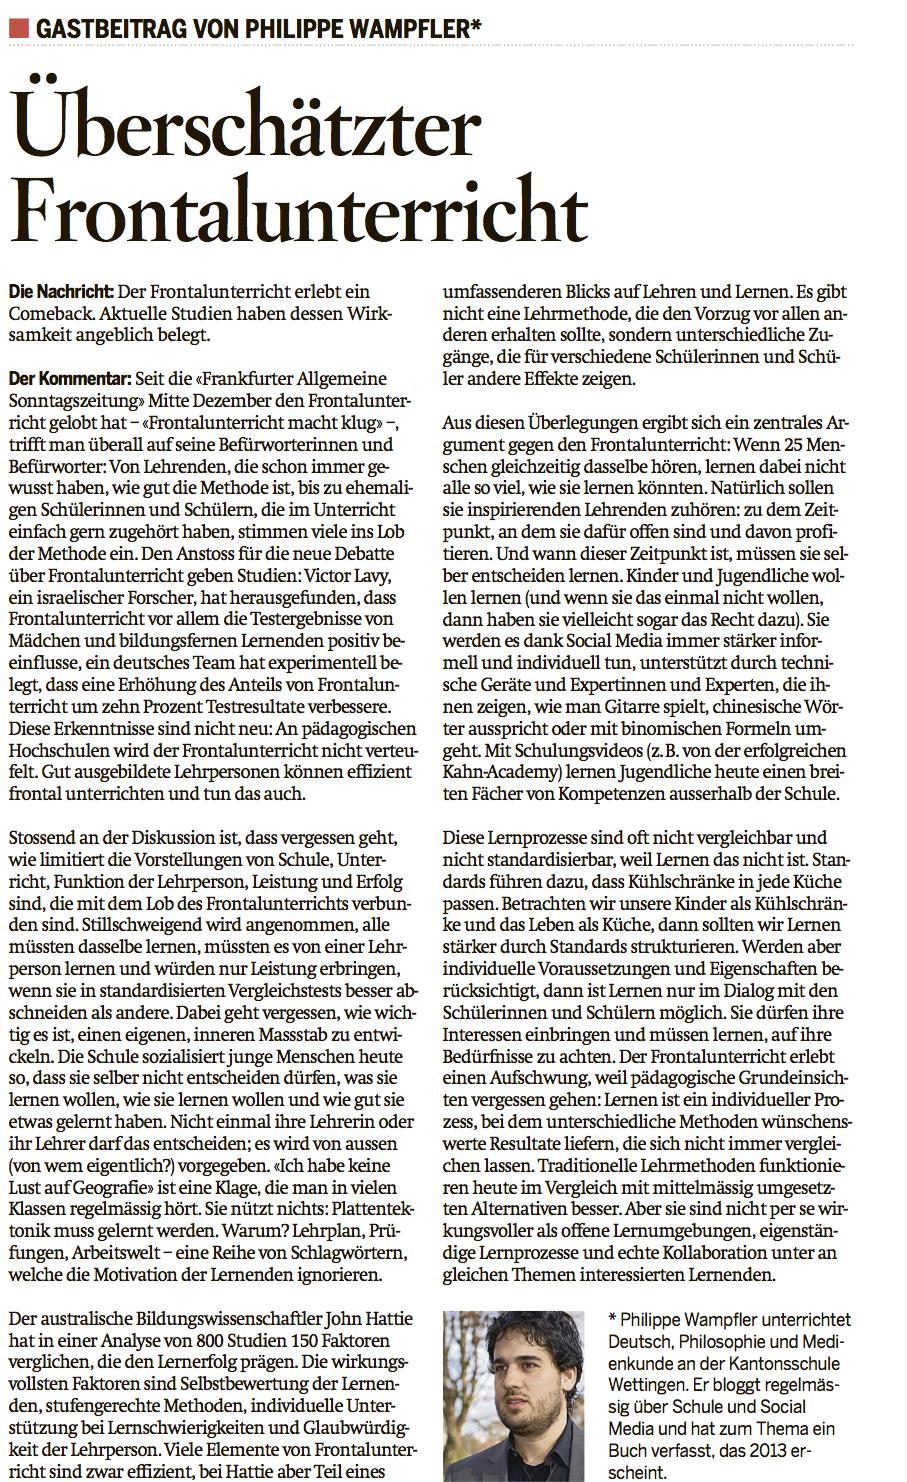 Der Sonntag, 13. Januar 2013, S. 13.